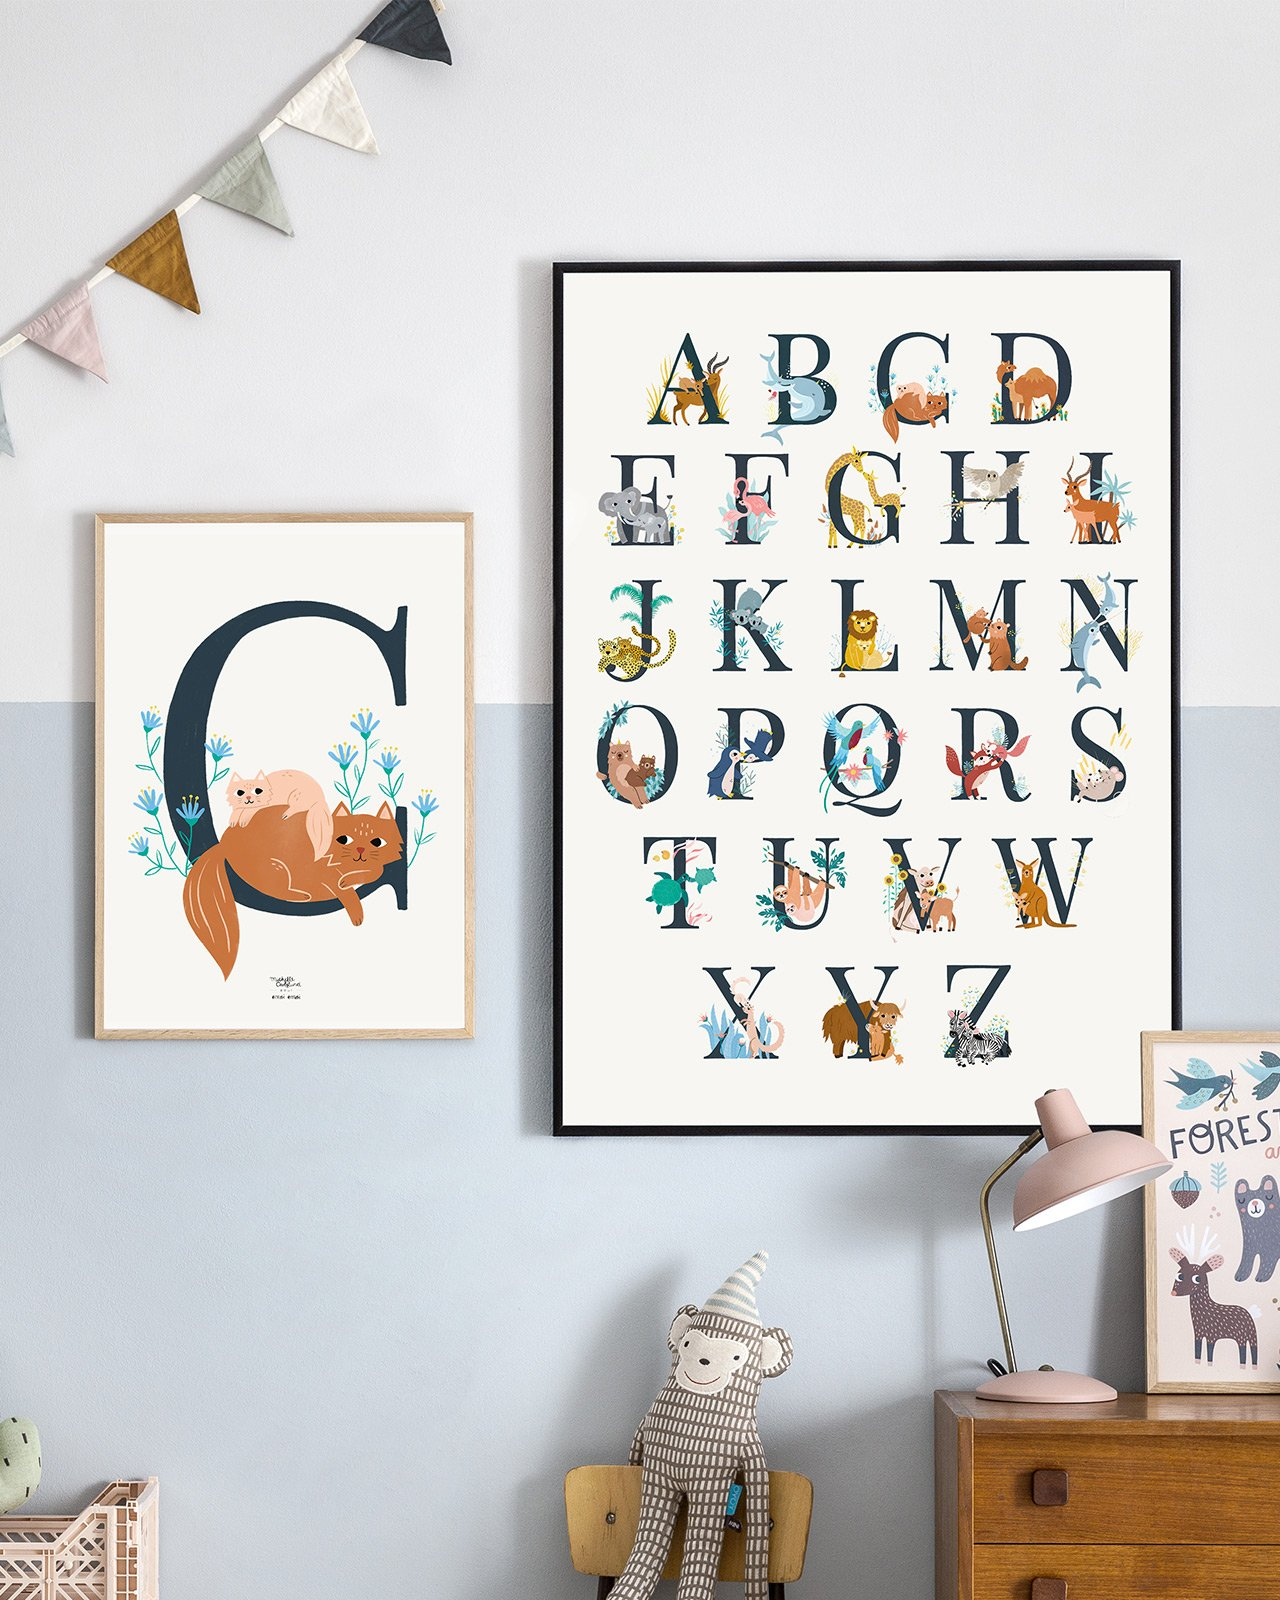 l-affiche-abecedaire-50-x-70-cm-michelle-carlslund-x-emoi-emoi-edition-limite-emoiemoi_1_1280x